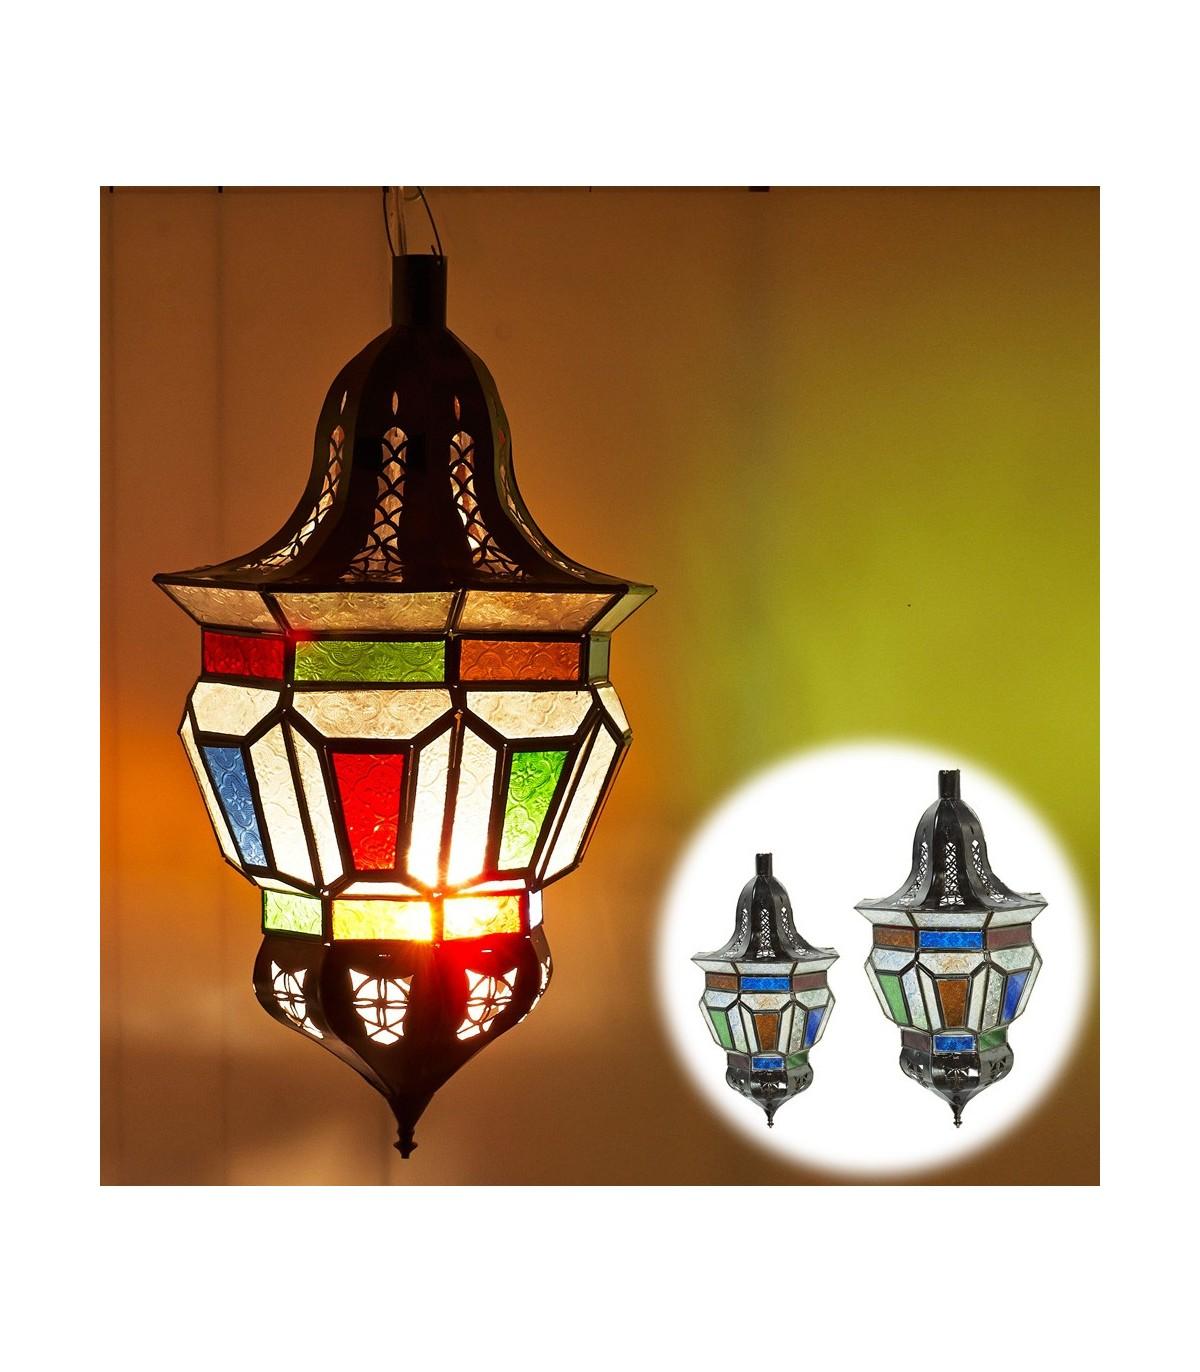 Online Cristales 2 Árabe Tamaños Lámpara Trapecio Colores OkiZuPXT